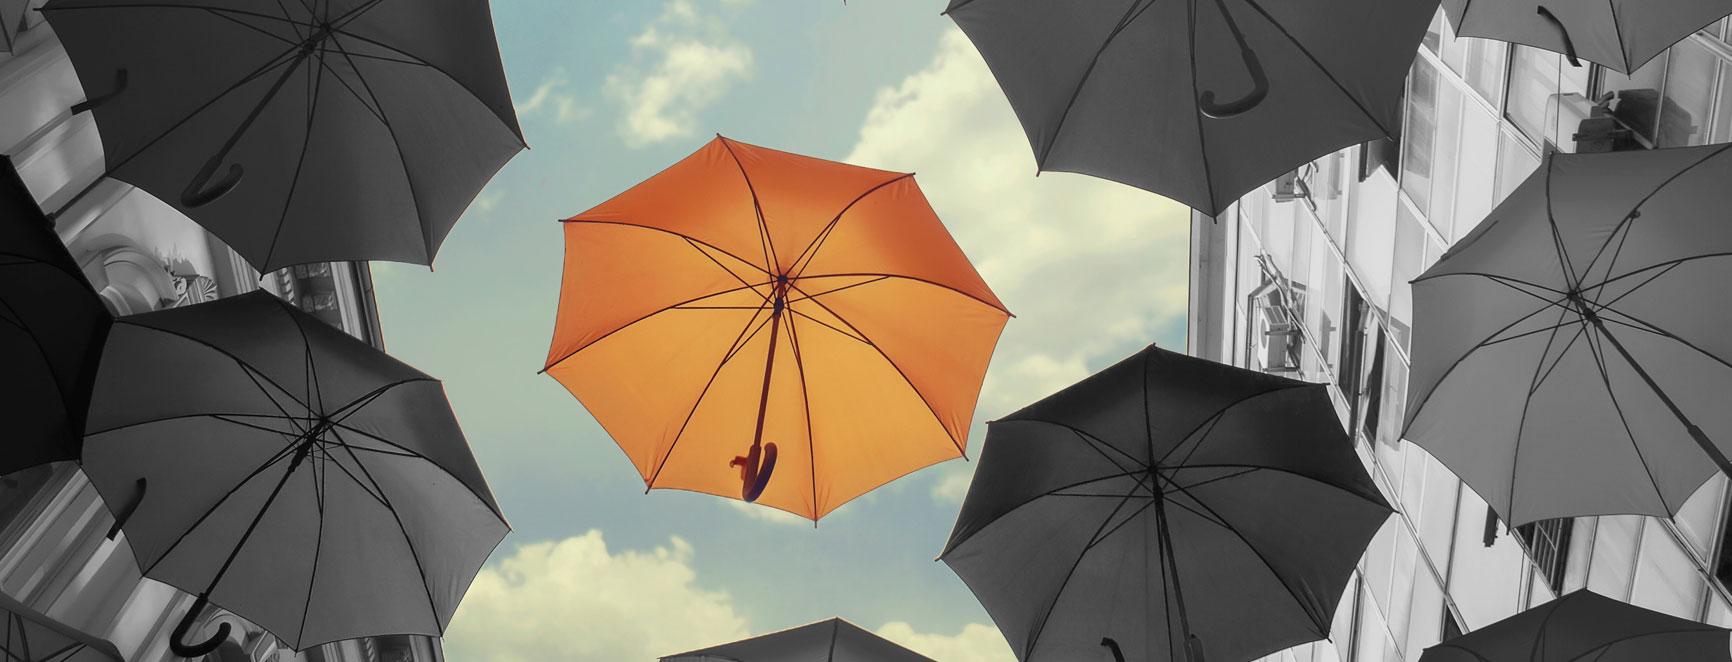 UmbrellaSlider